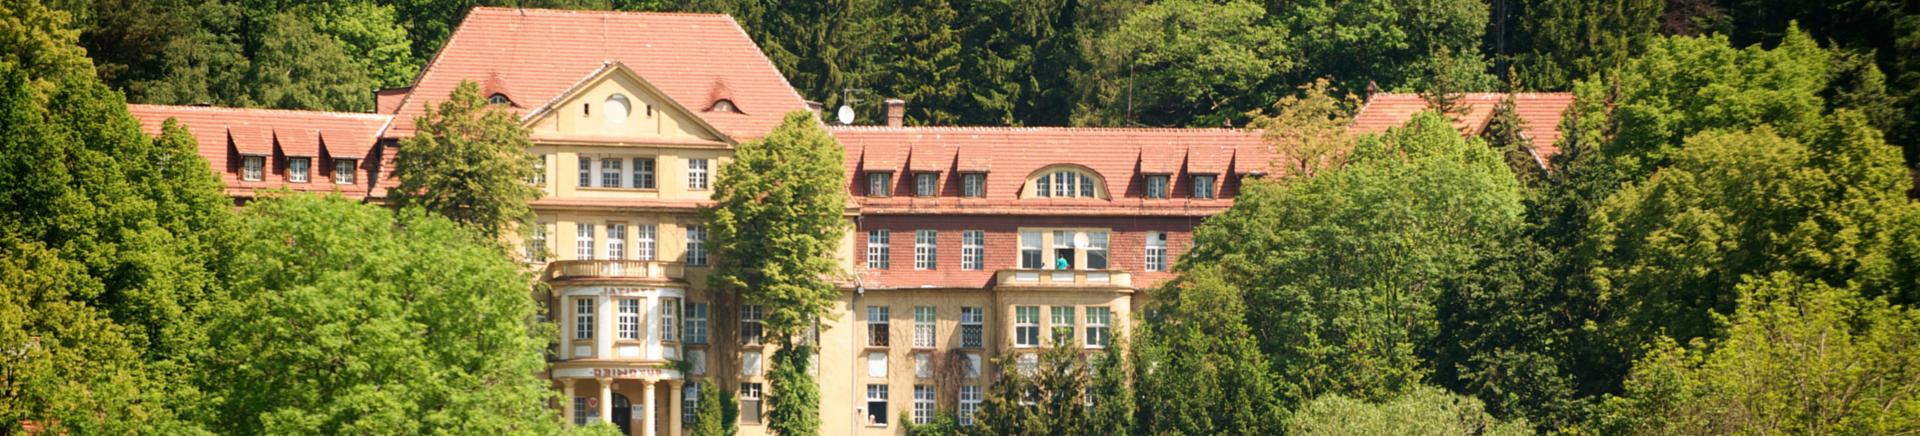 Szpital Bukowiec w Kowarach